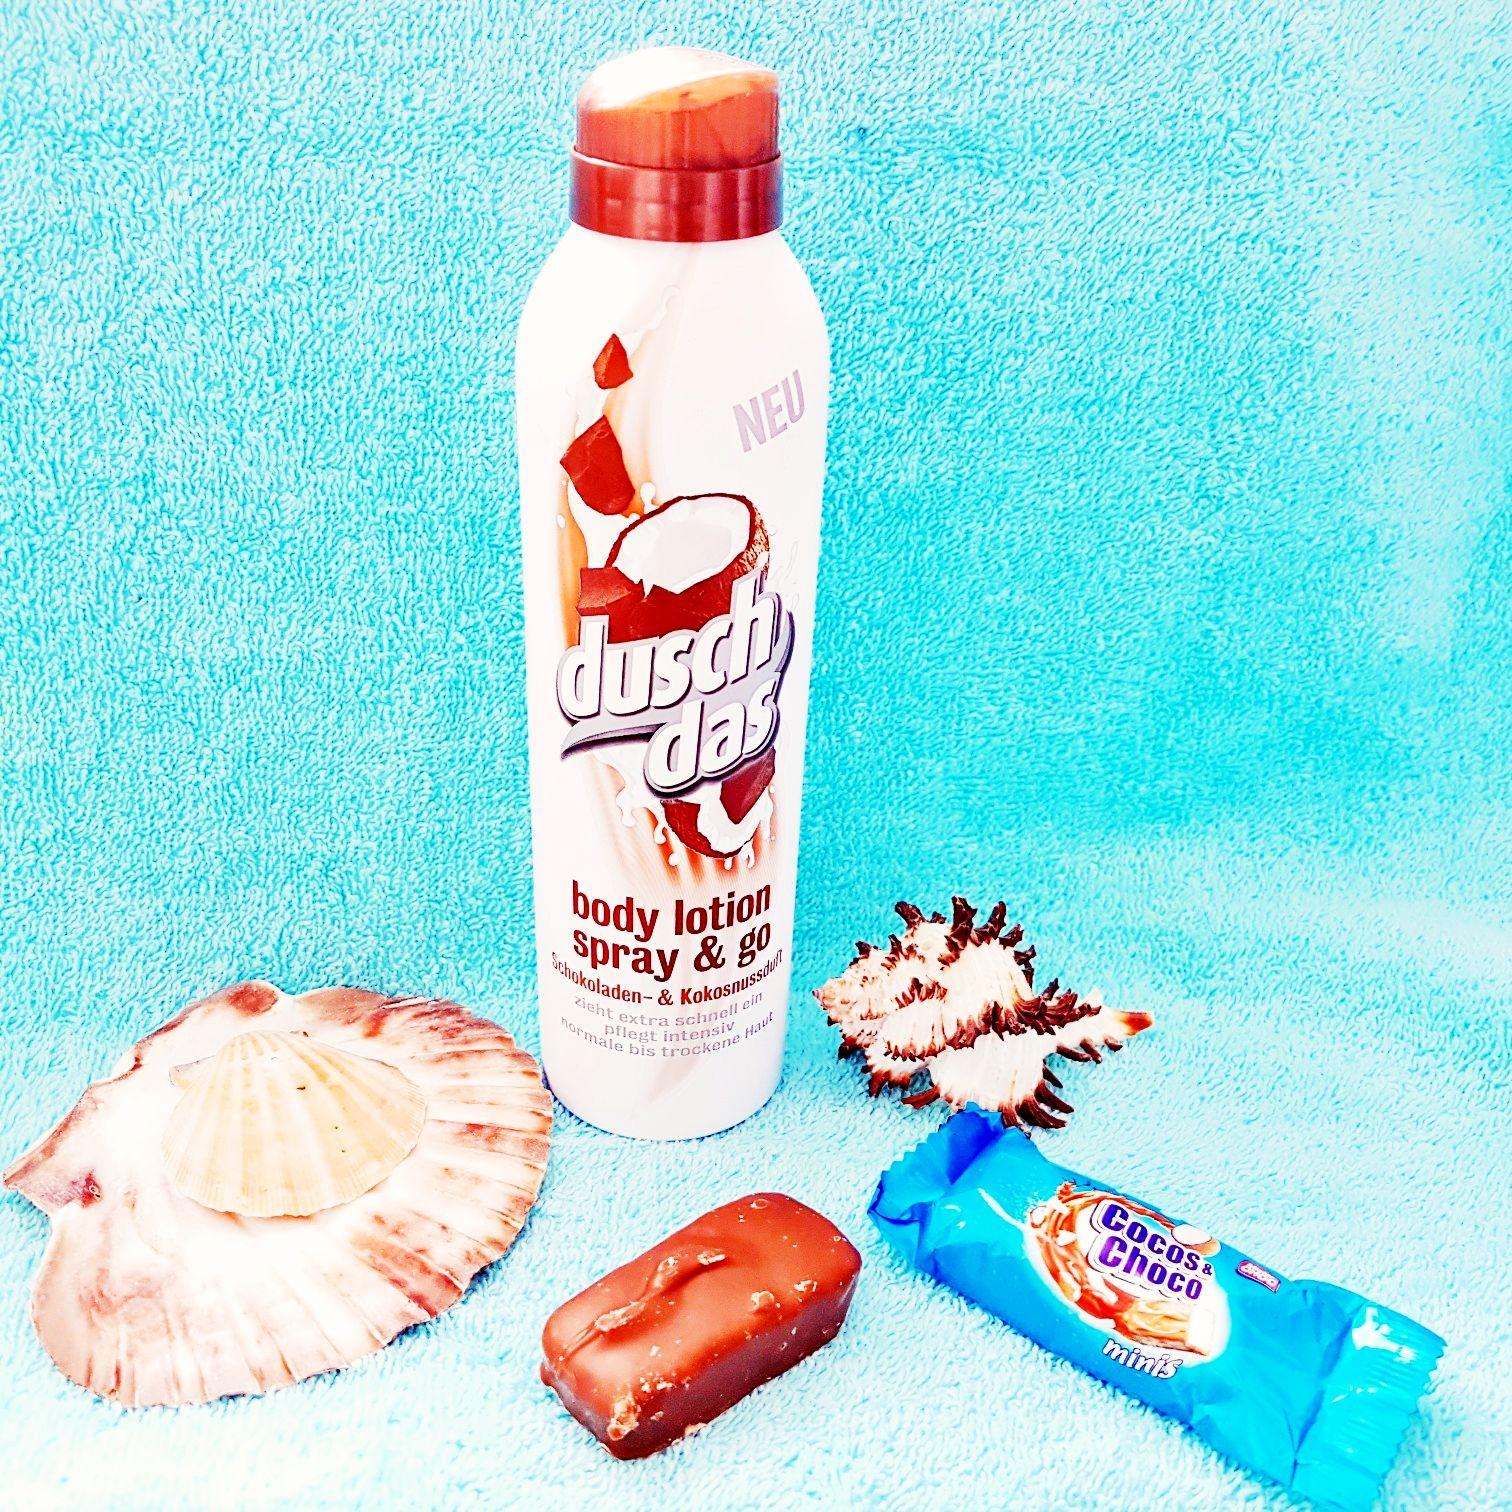 Duschdas Bodylotion Spray & Go mit Schokoladen - & Kokosnussduft